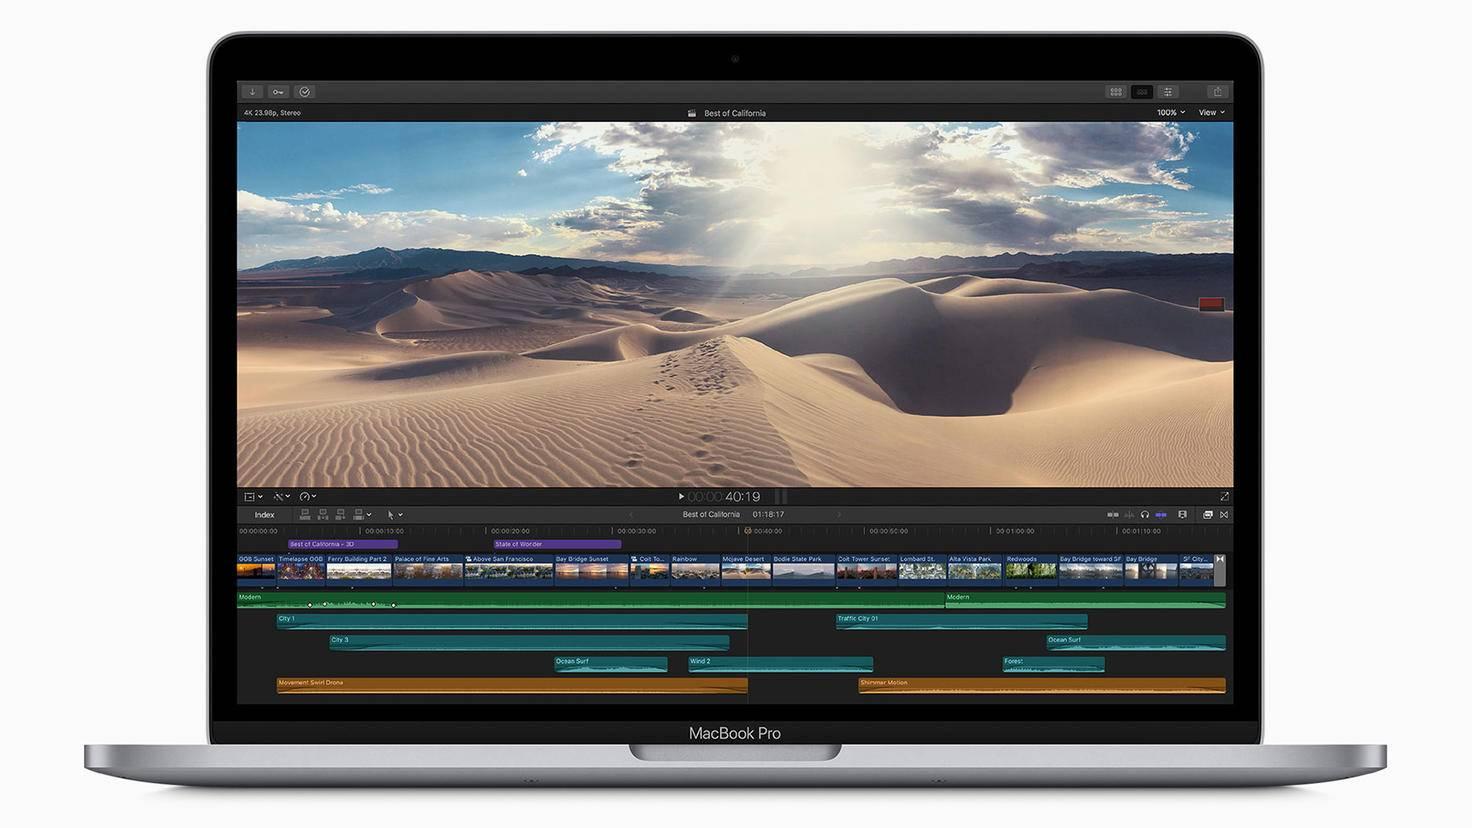 macbook-pro-2020-power